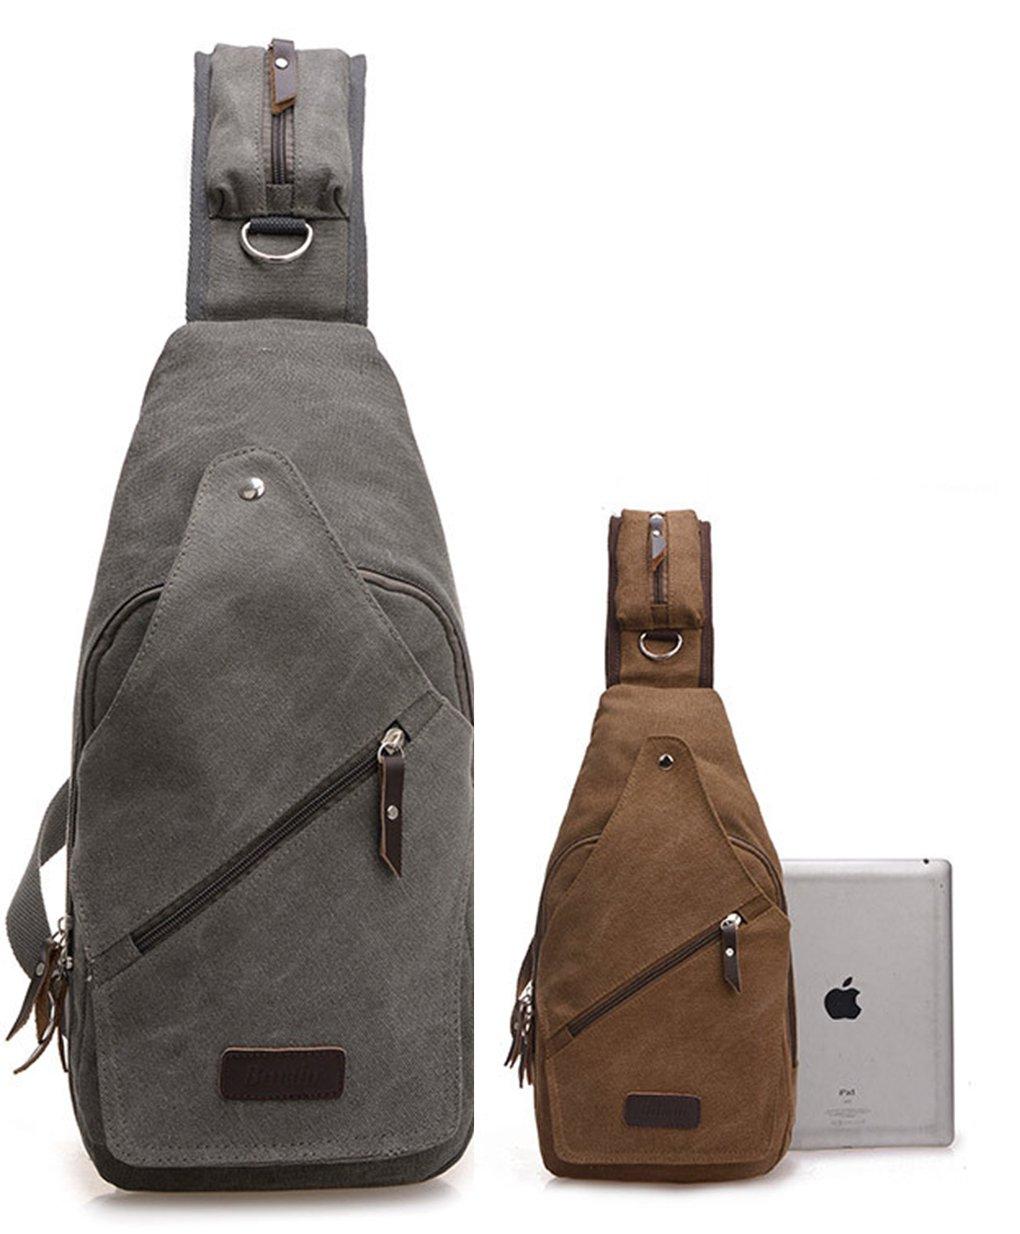 LemonGirl - Petit sac à dos ou poitrine à bandoulière - Idéal comme sac de voyage, de randonnée, camping, etc. - Pour homme et femme XW250-Green